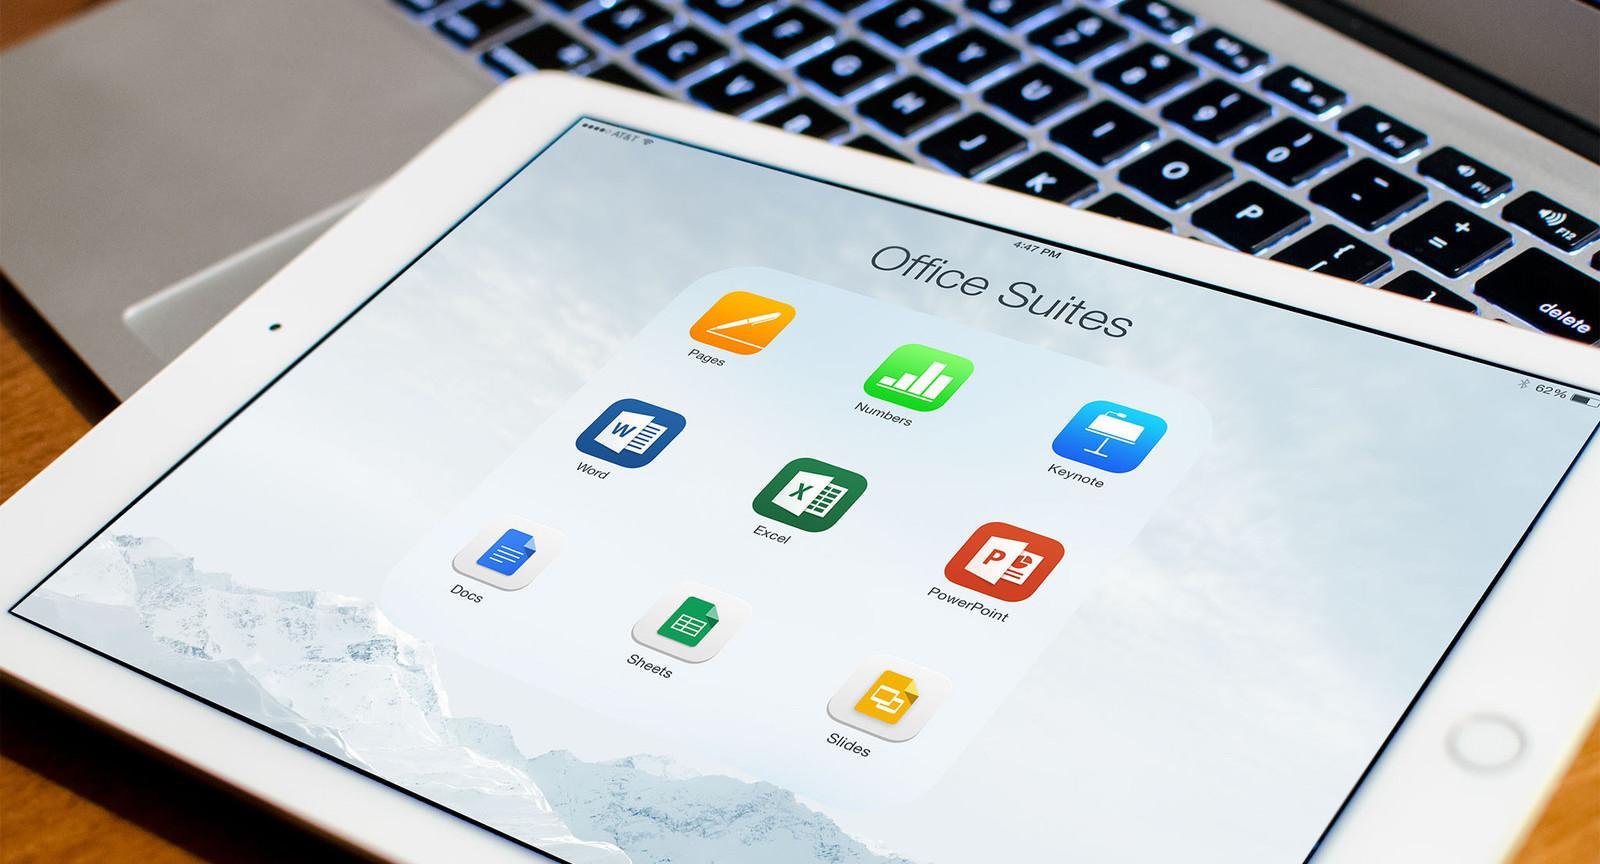 В офисный набор для iOS Google добавил возможность редактирования текстовых документов и таблиц в формате Microsoft Office…